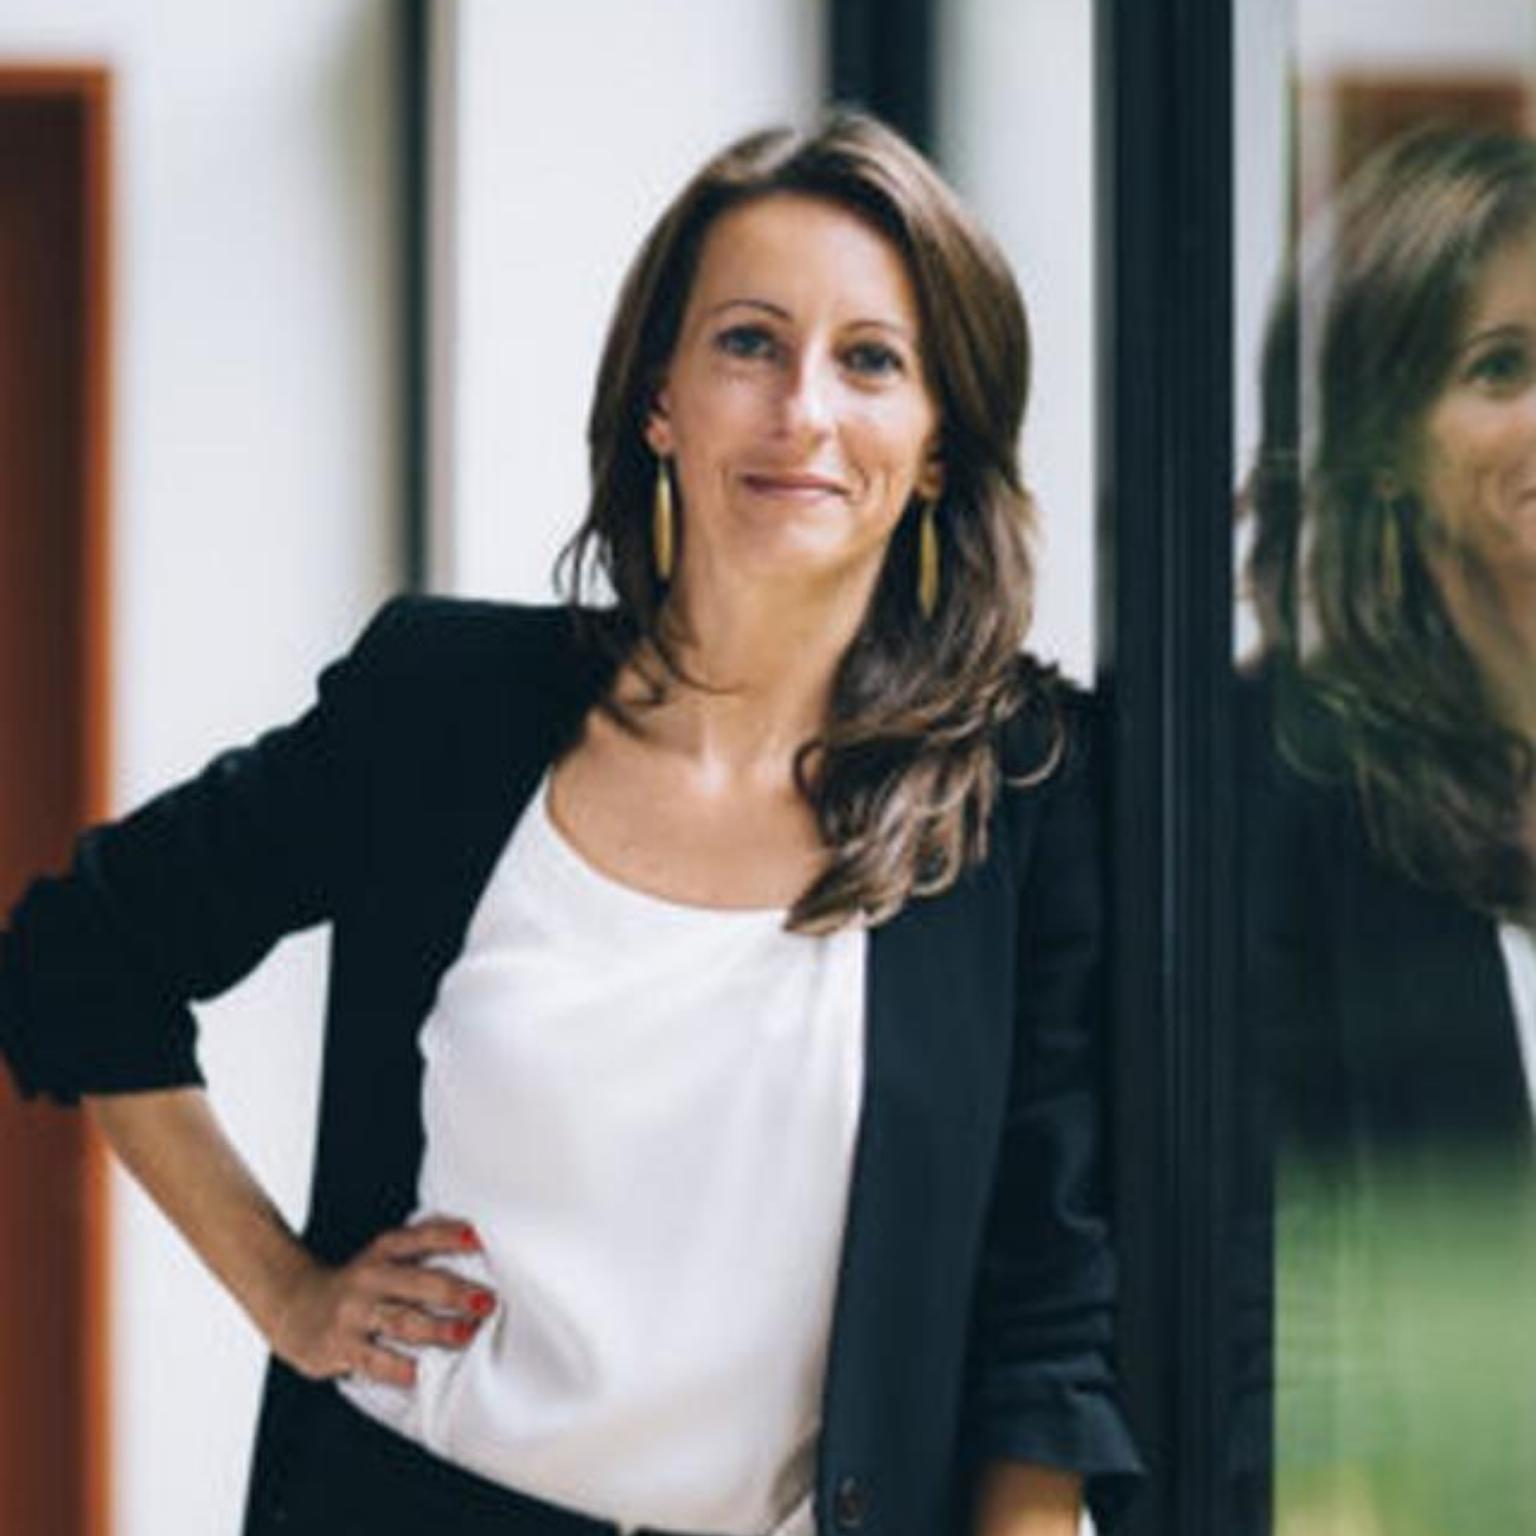 Vicky Buelens, Oprichter Kobalt Legal